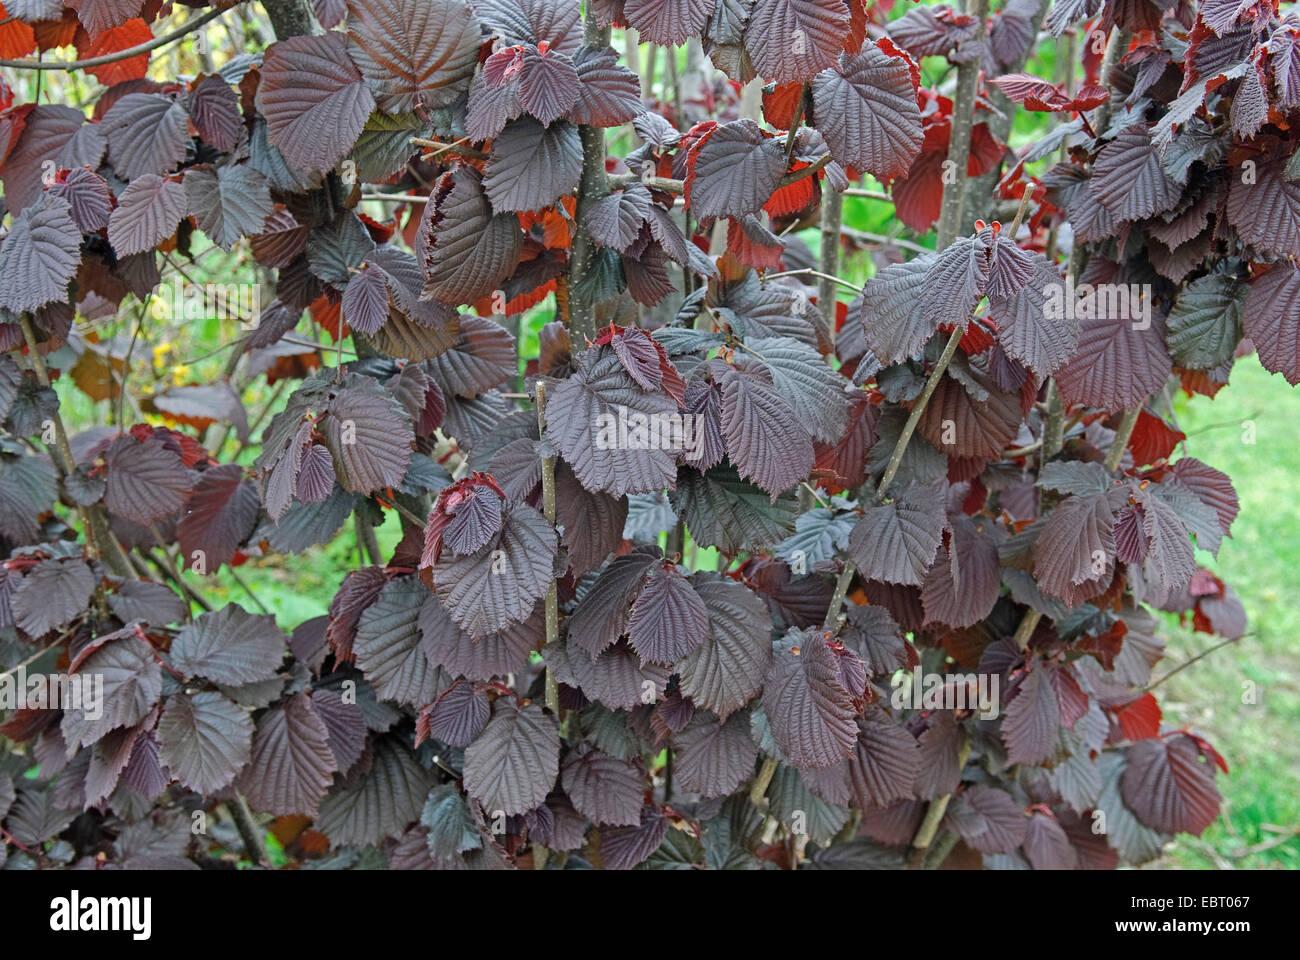 Giant hazel (Corylus maxima 'Purpurea', Corylus maxima Purpurea), cultivar Purpurea Stock Photo